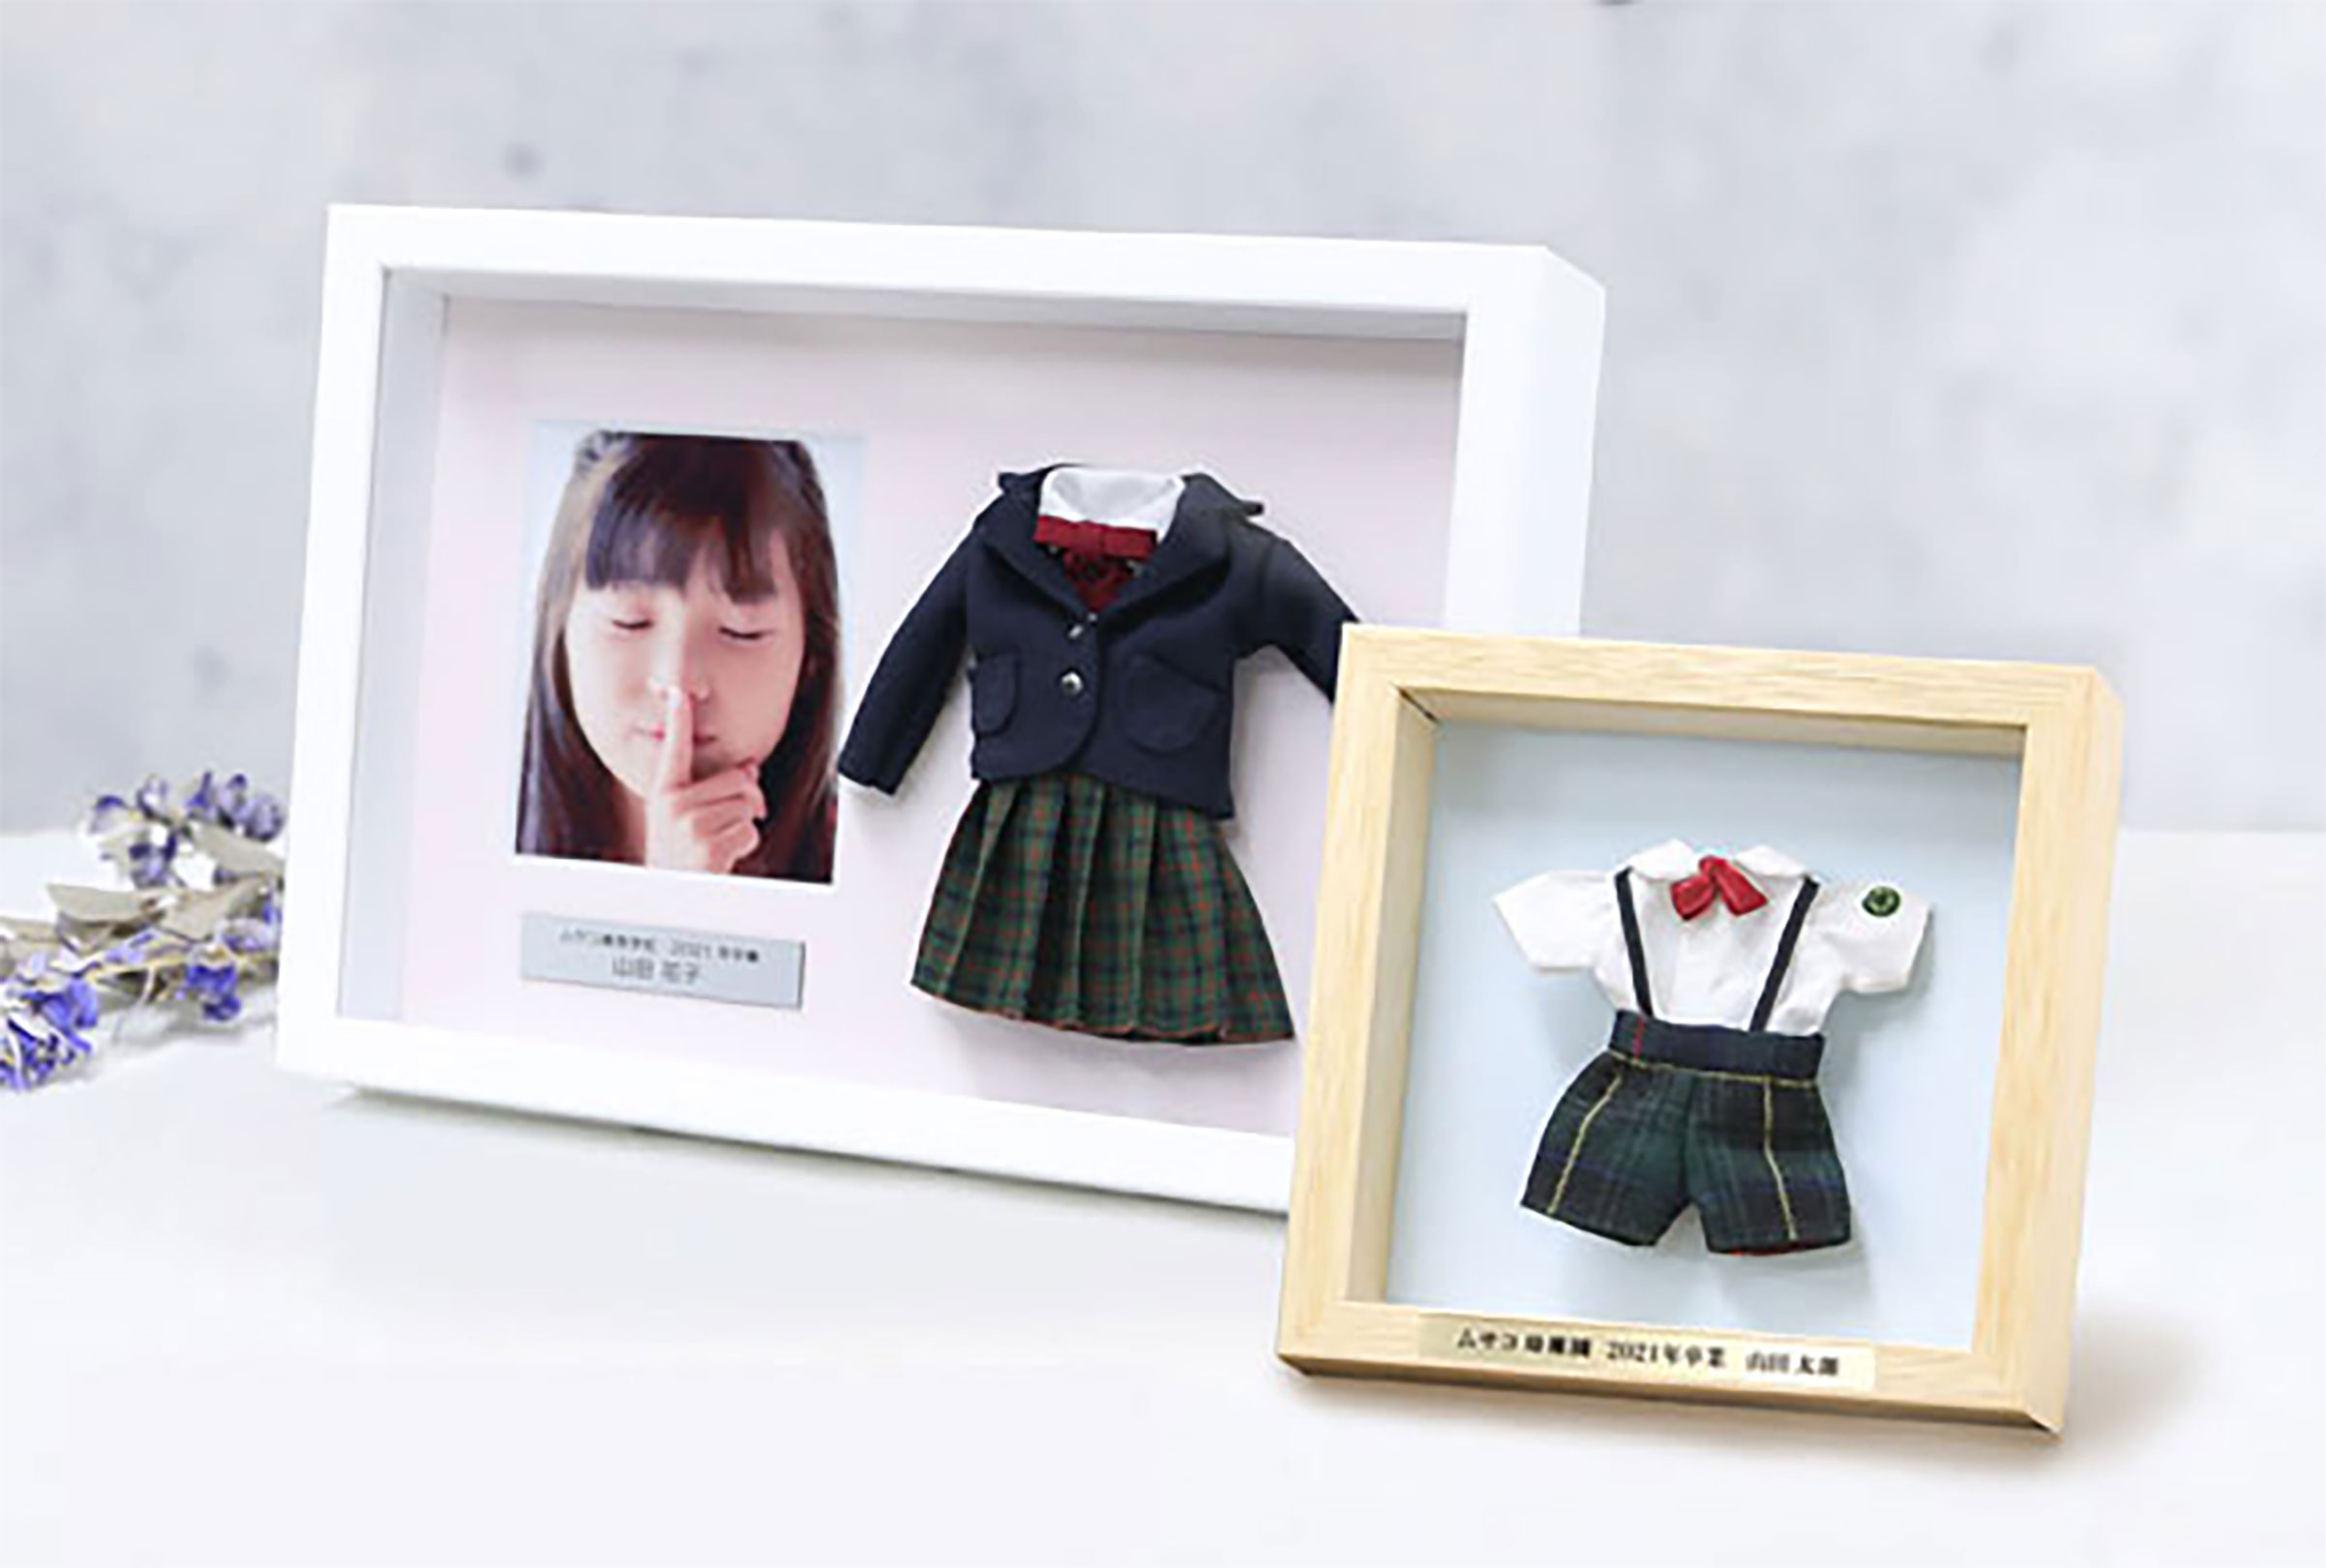 【新サービス】制服ミニチュアリメイク「思い出アフレーム」渋谷・東急本店で初イベント開催